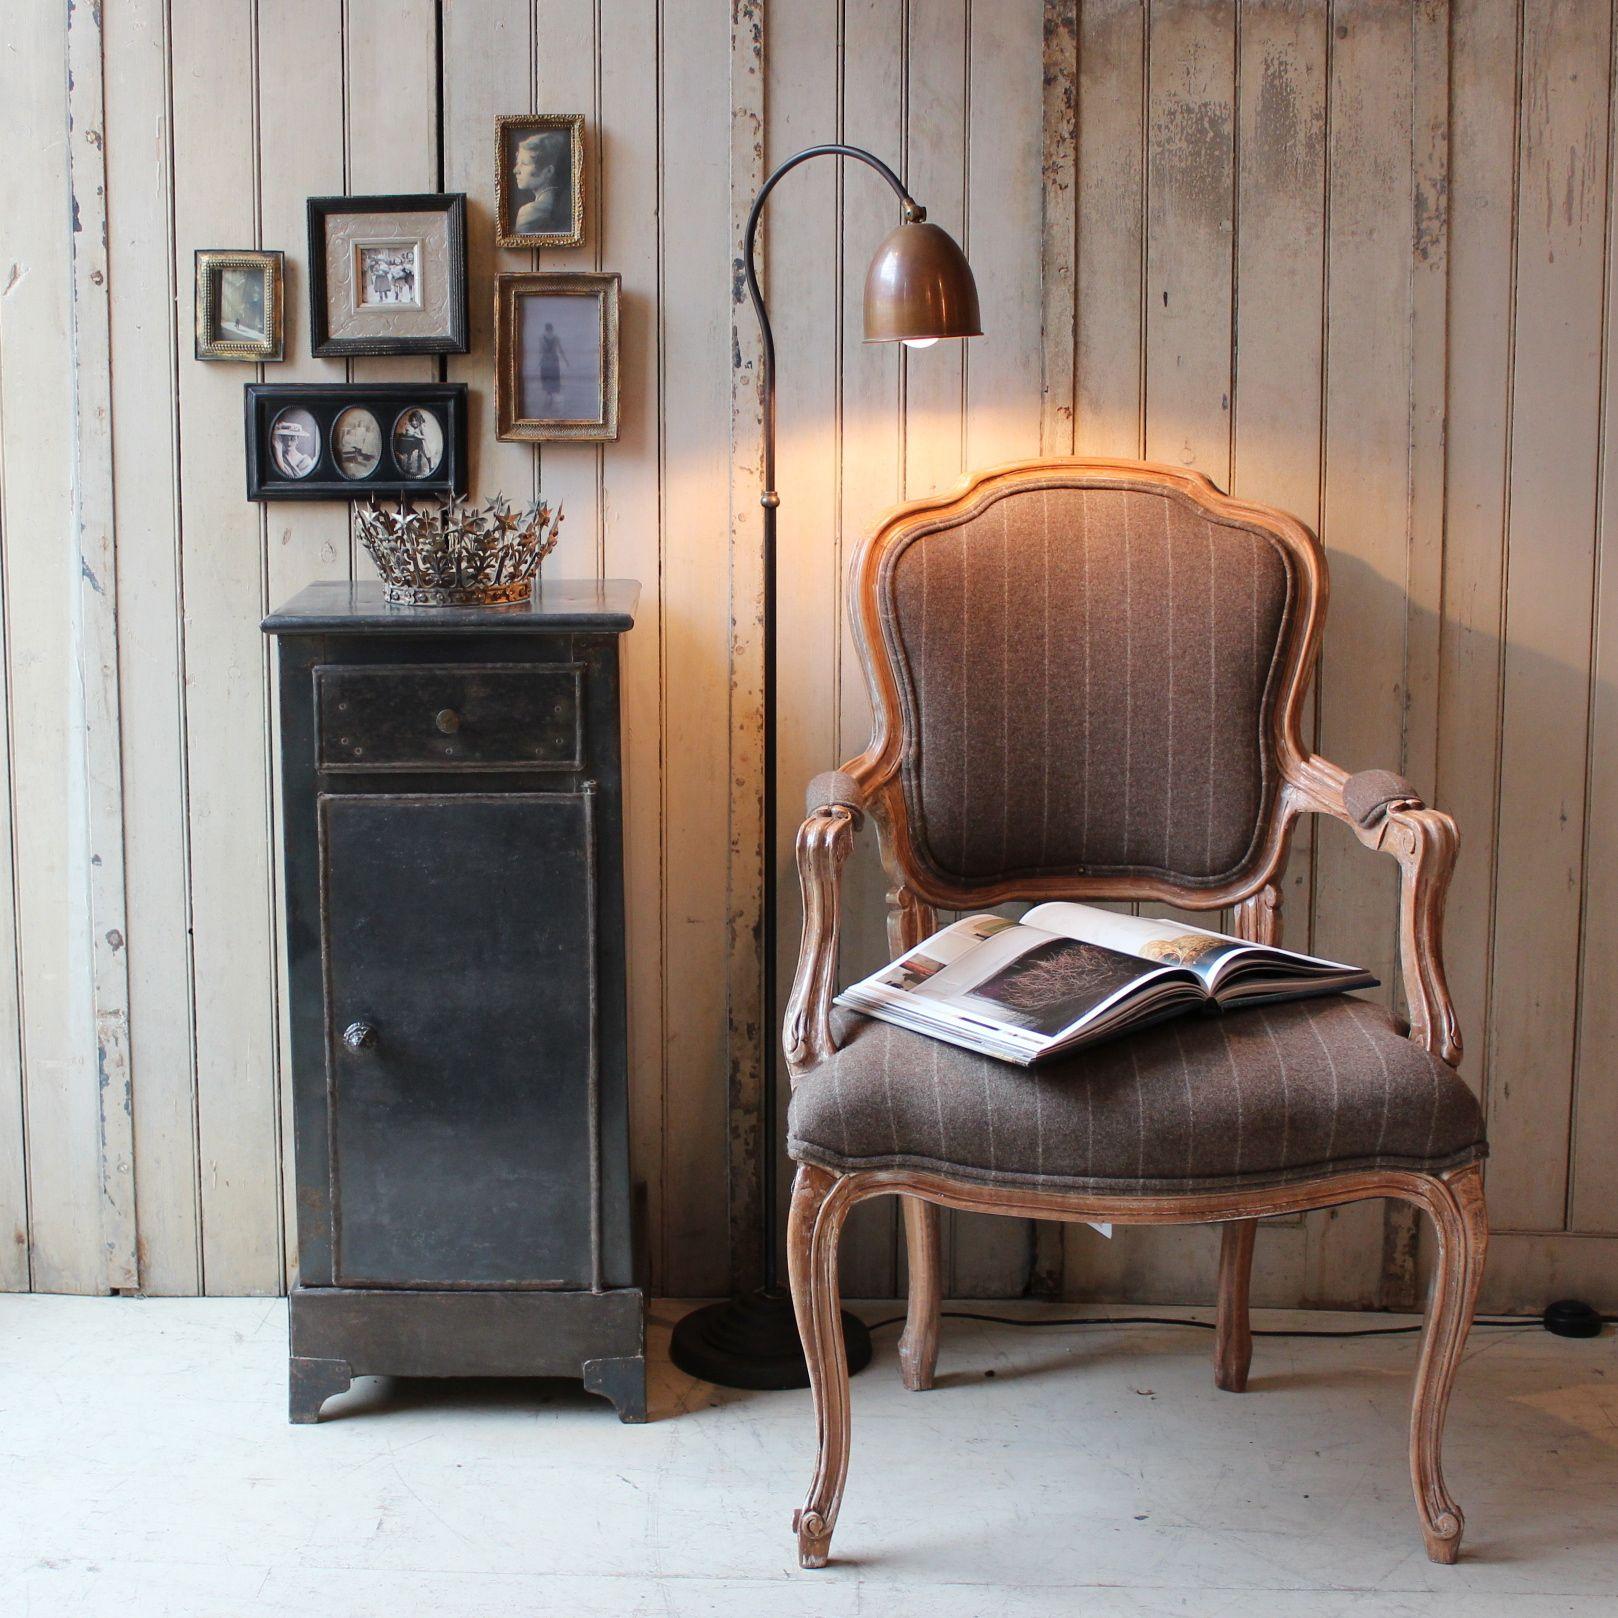 vintage furniture    been sourcing restoring and refinishing utilitarian vintage  furniture   Unique Antique ~ Colectibles   Pinterest   Vintage furniture